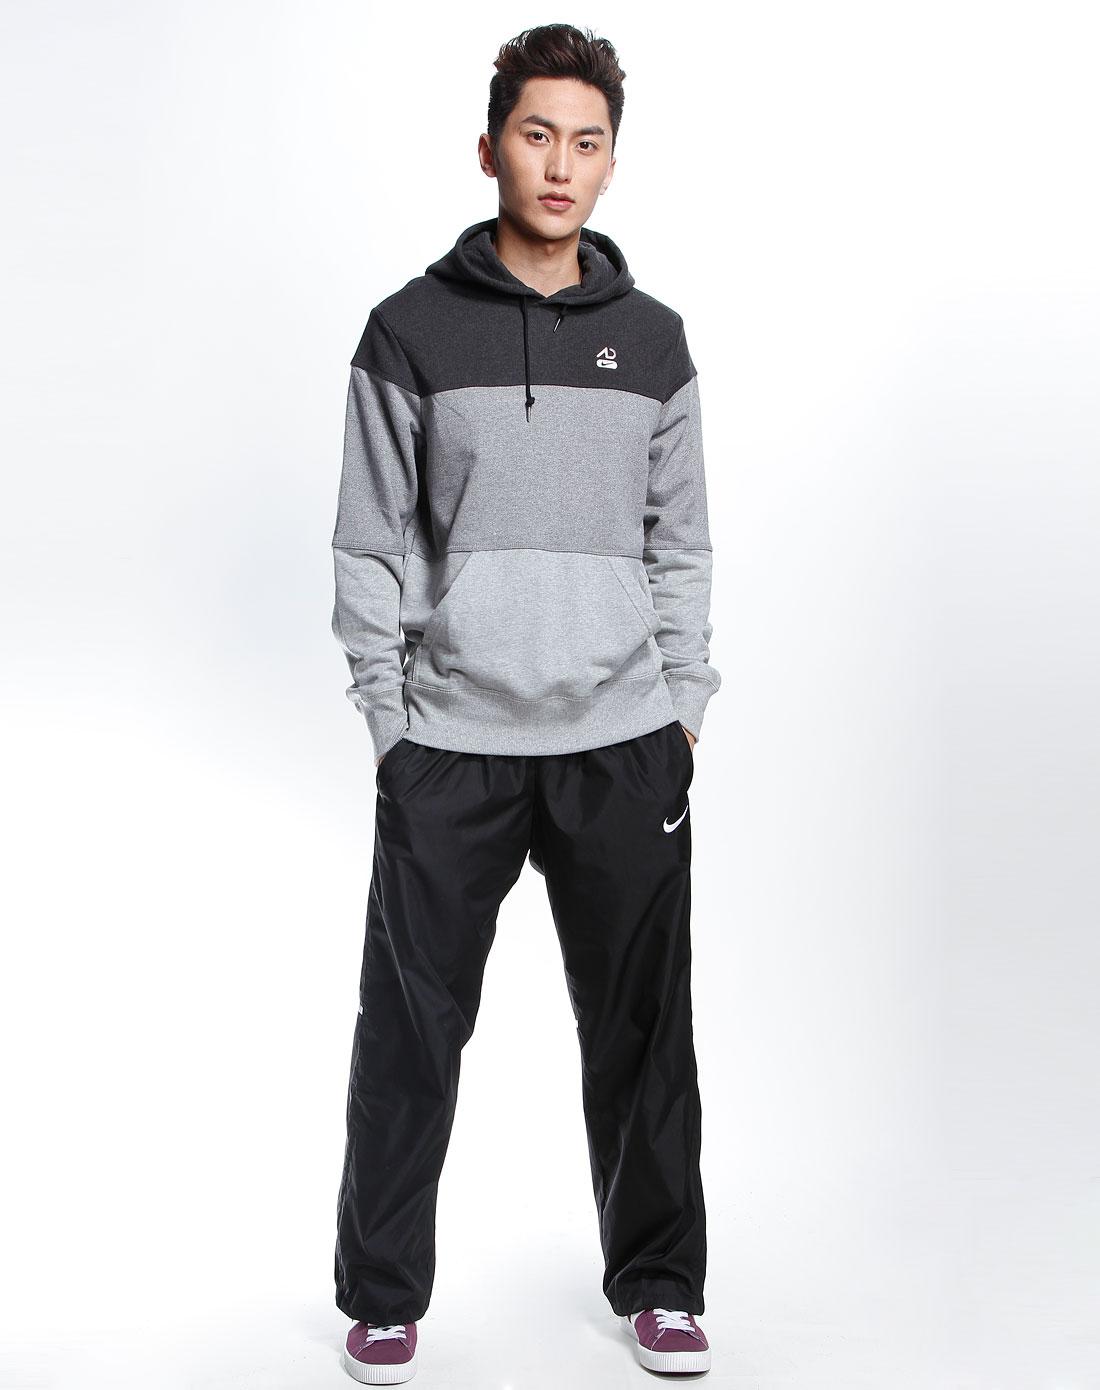 深灰/浅灰色运动生活针织长袖连帽套头衫